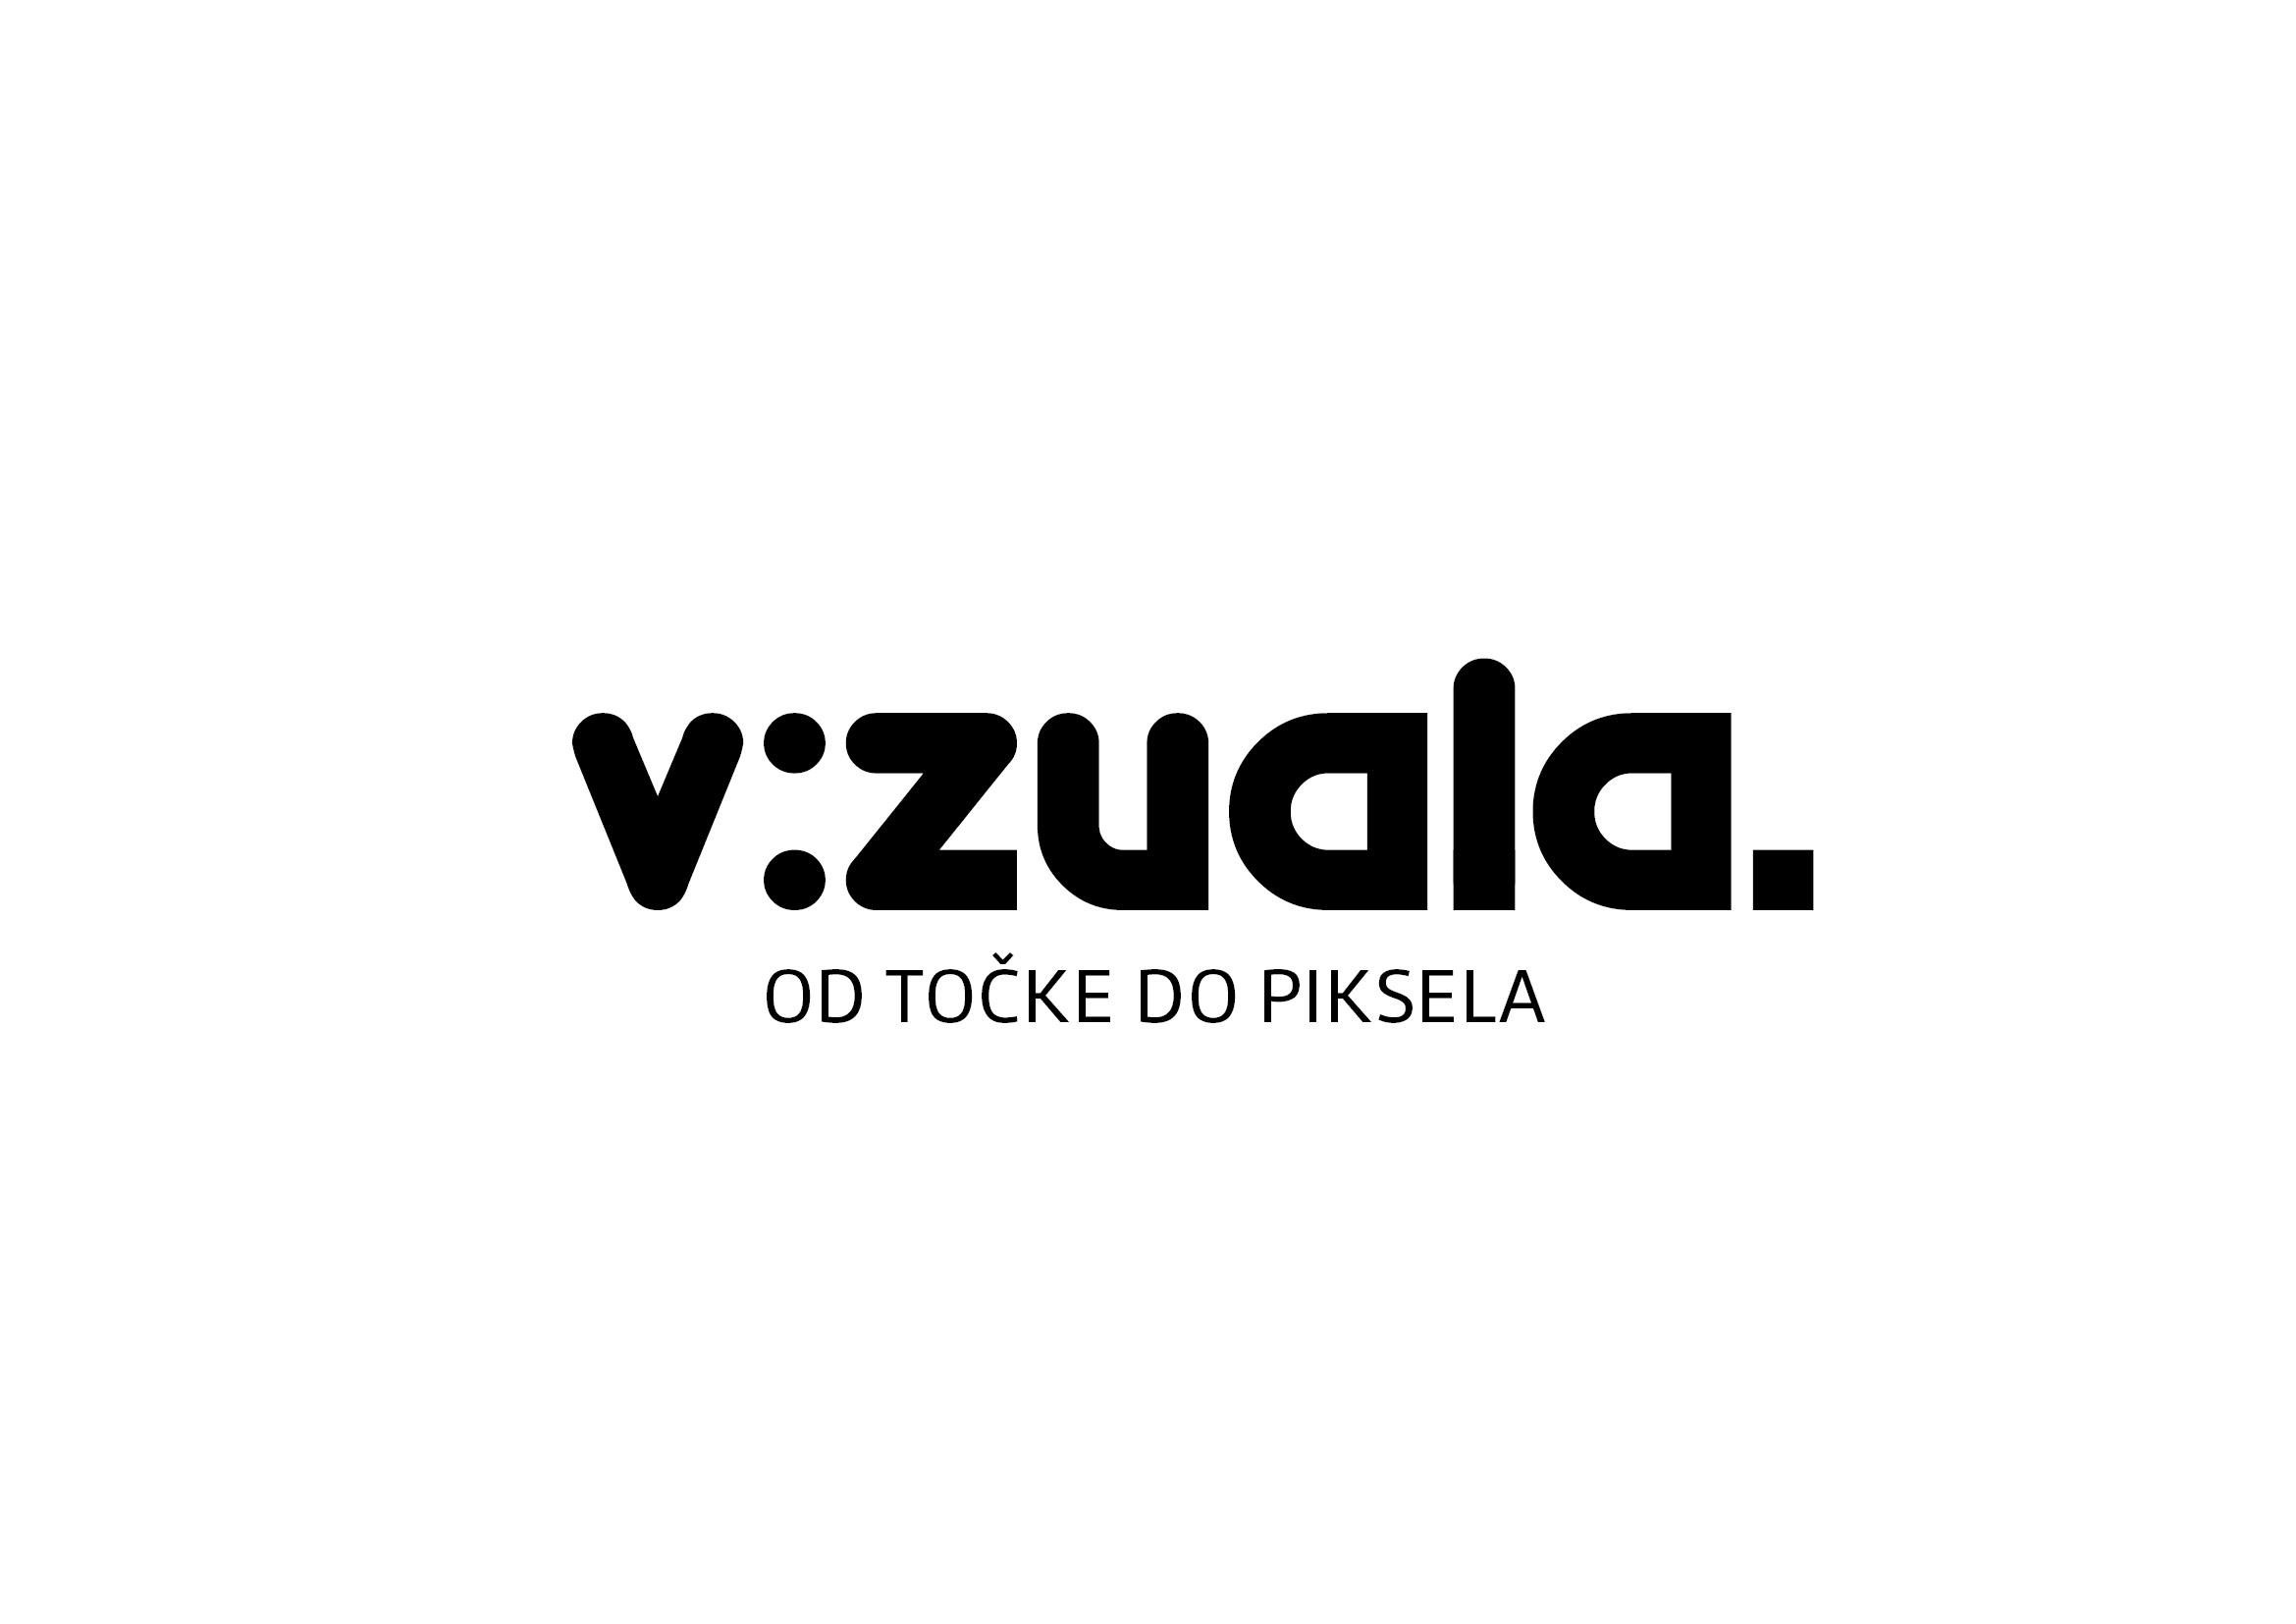 vizuala3